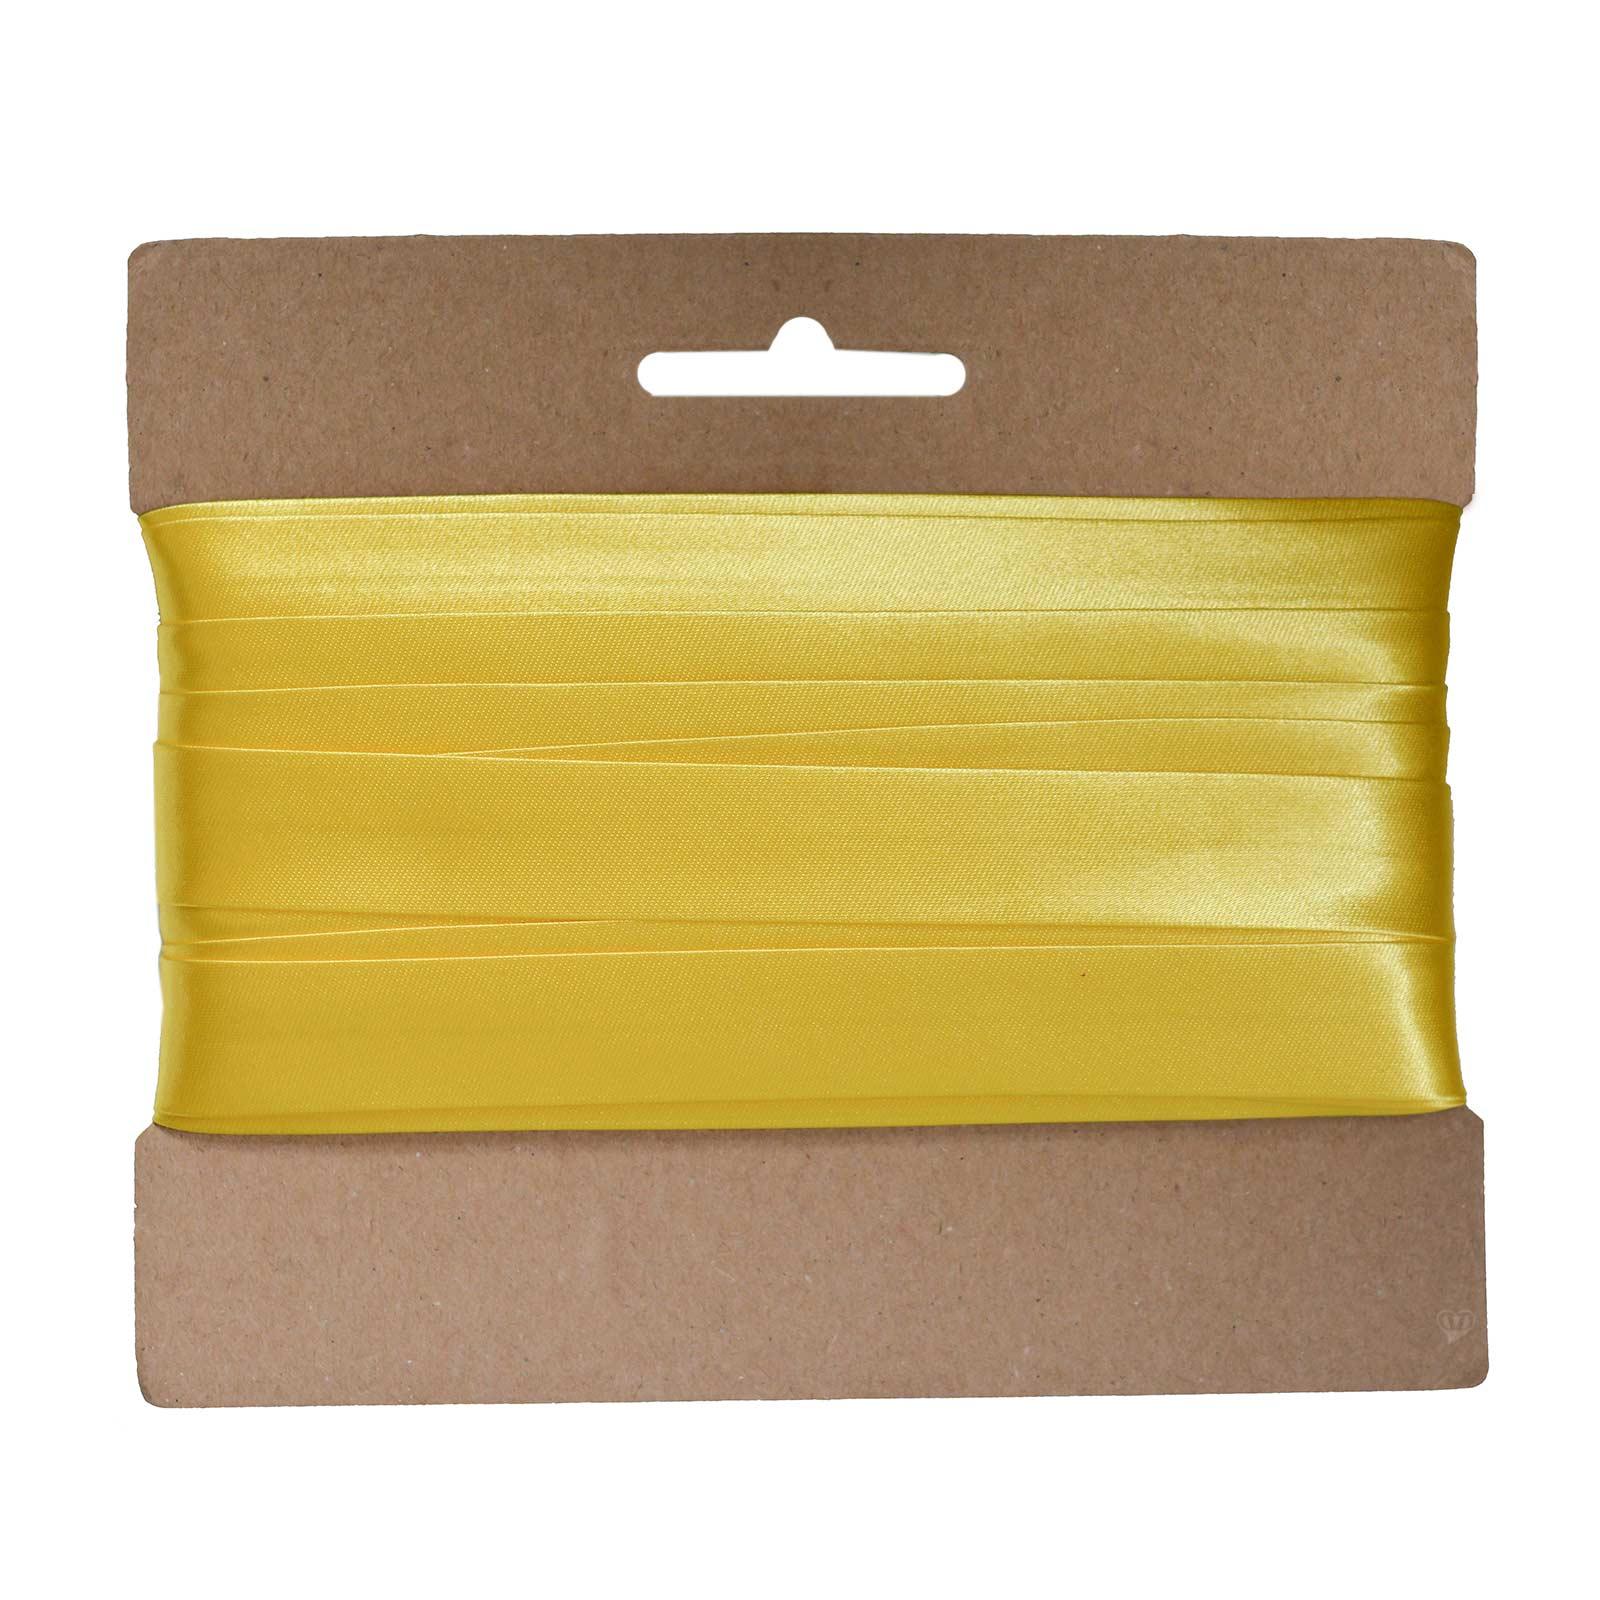 20m Schrägband Satin 20mm gefalzt Kantenband Einfassband 29 Farben wählbar – Bild 5